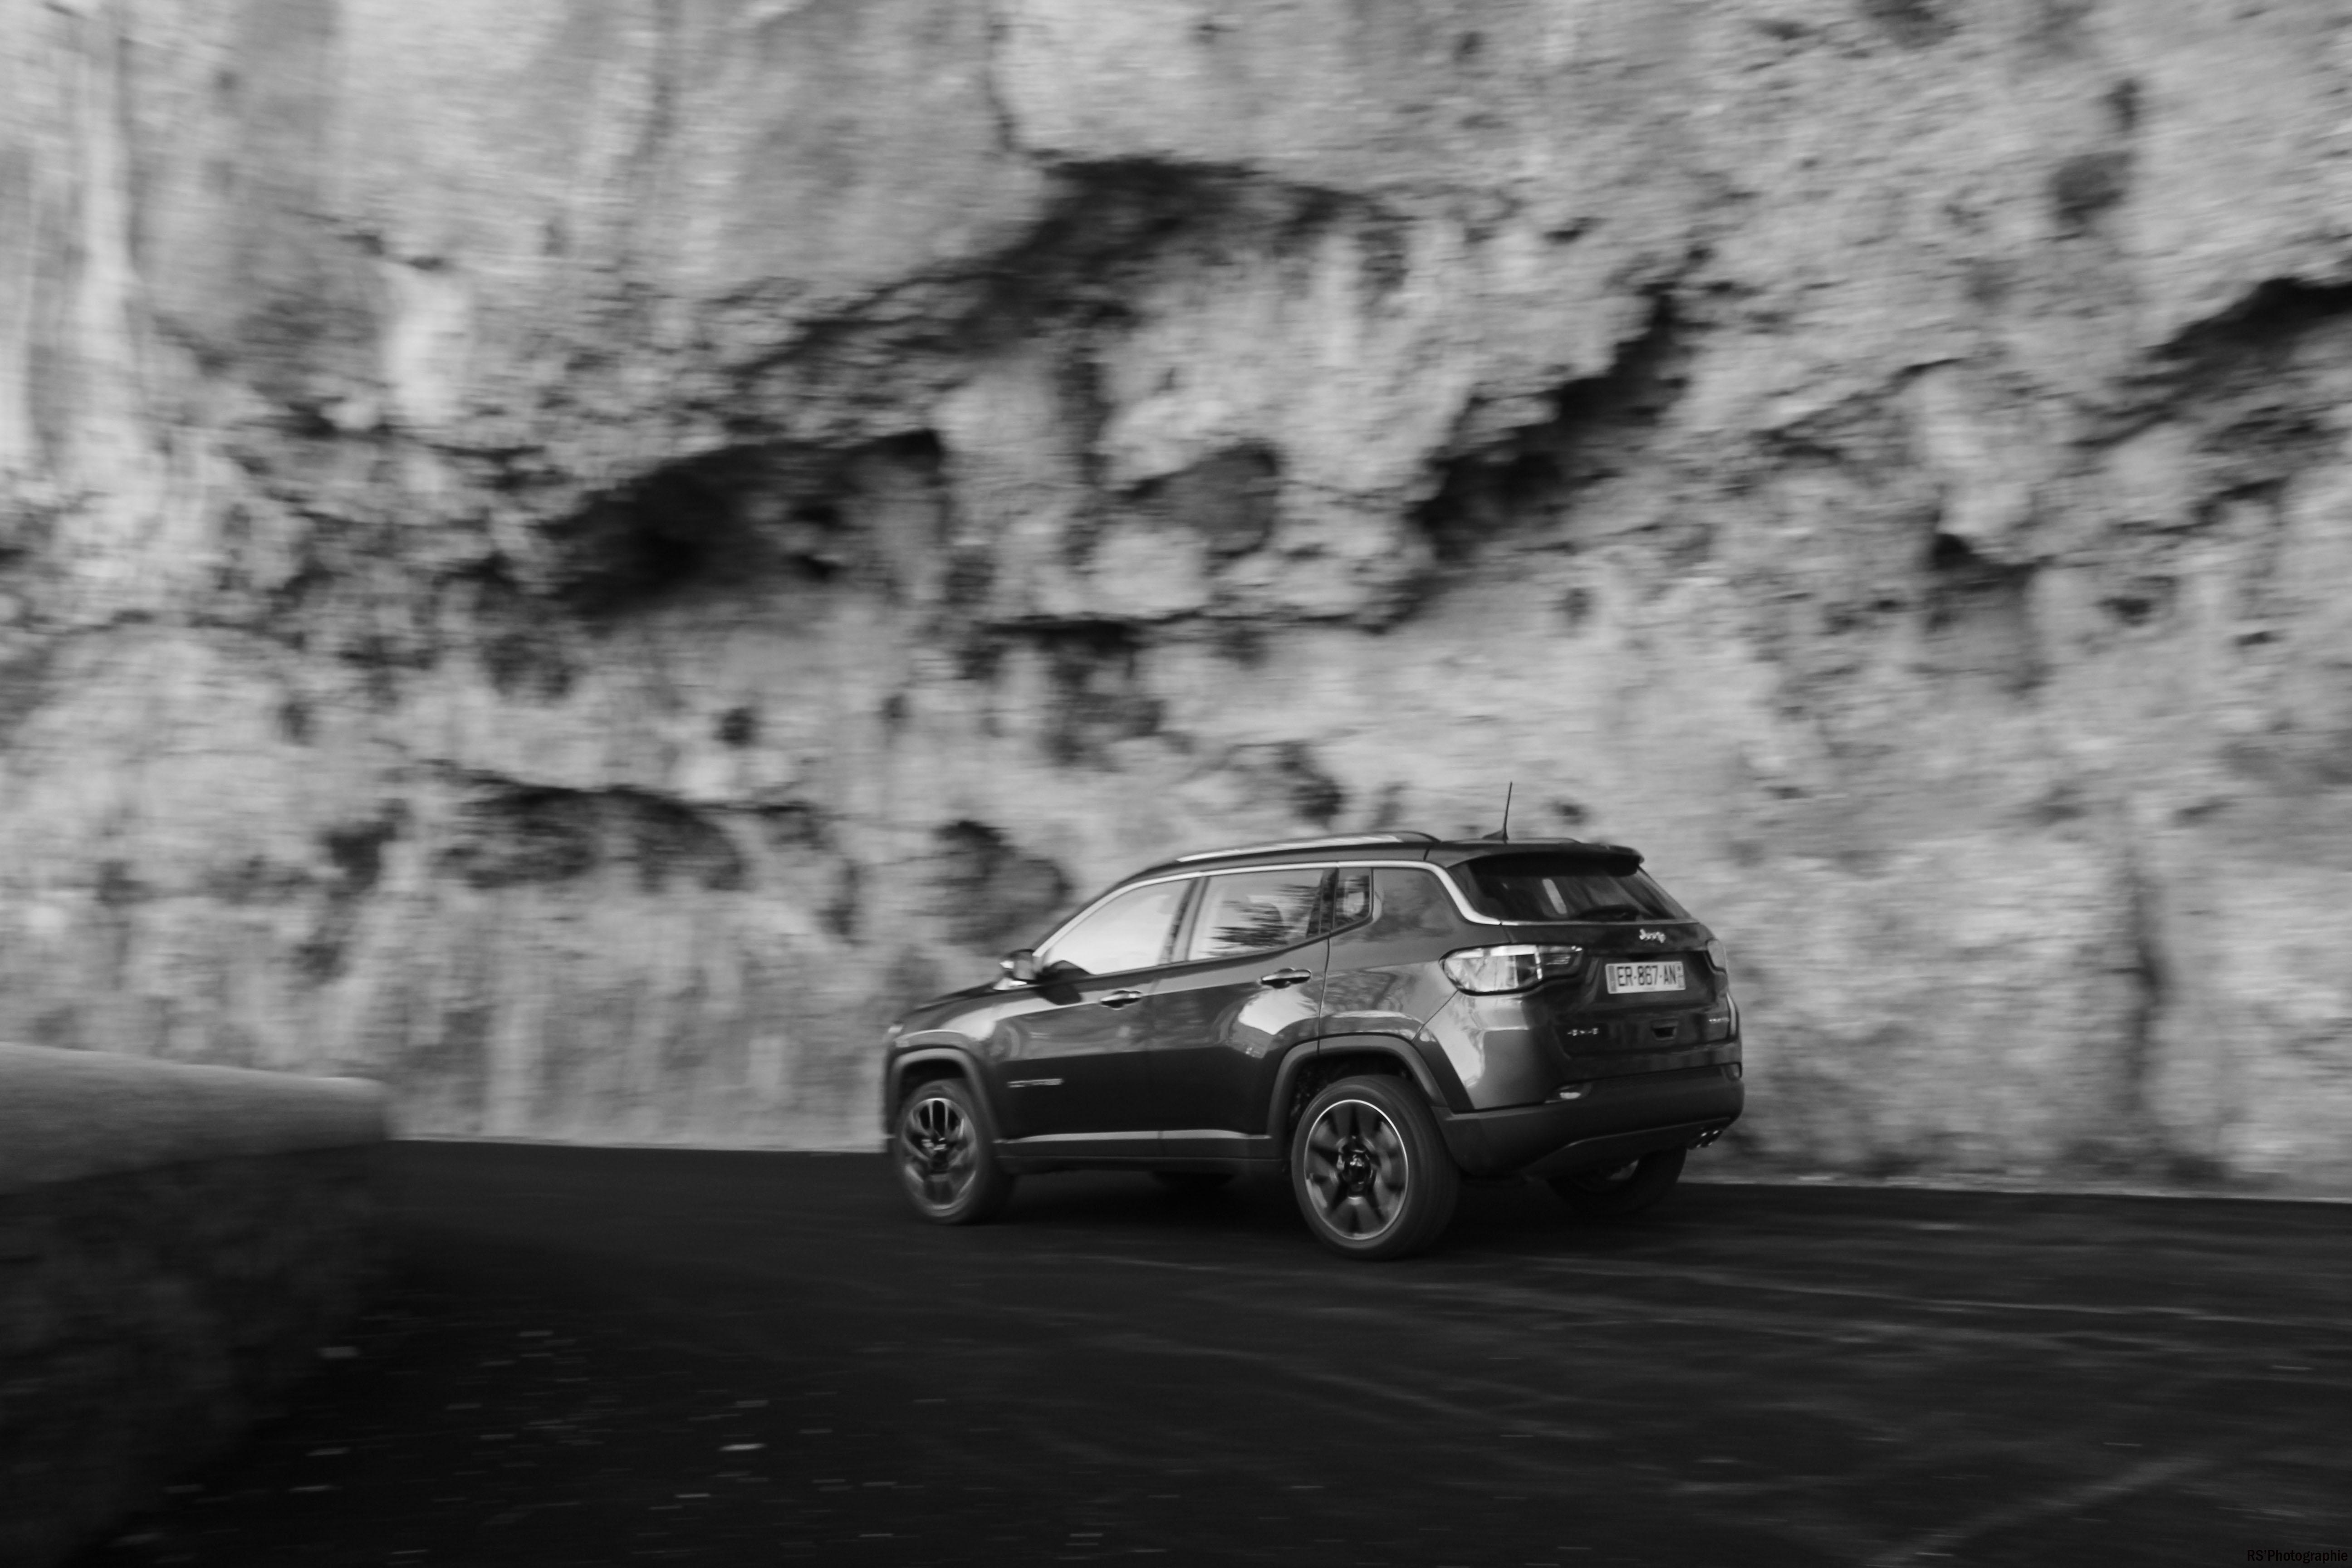 jeepcompass48-jeep-compass-arrière-rear-Arnaud Demasier-RSPhotographie